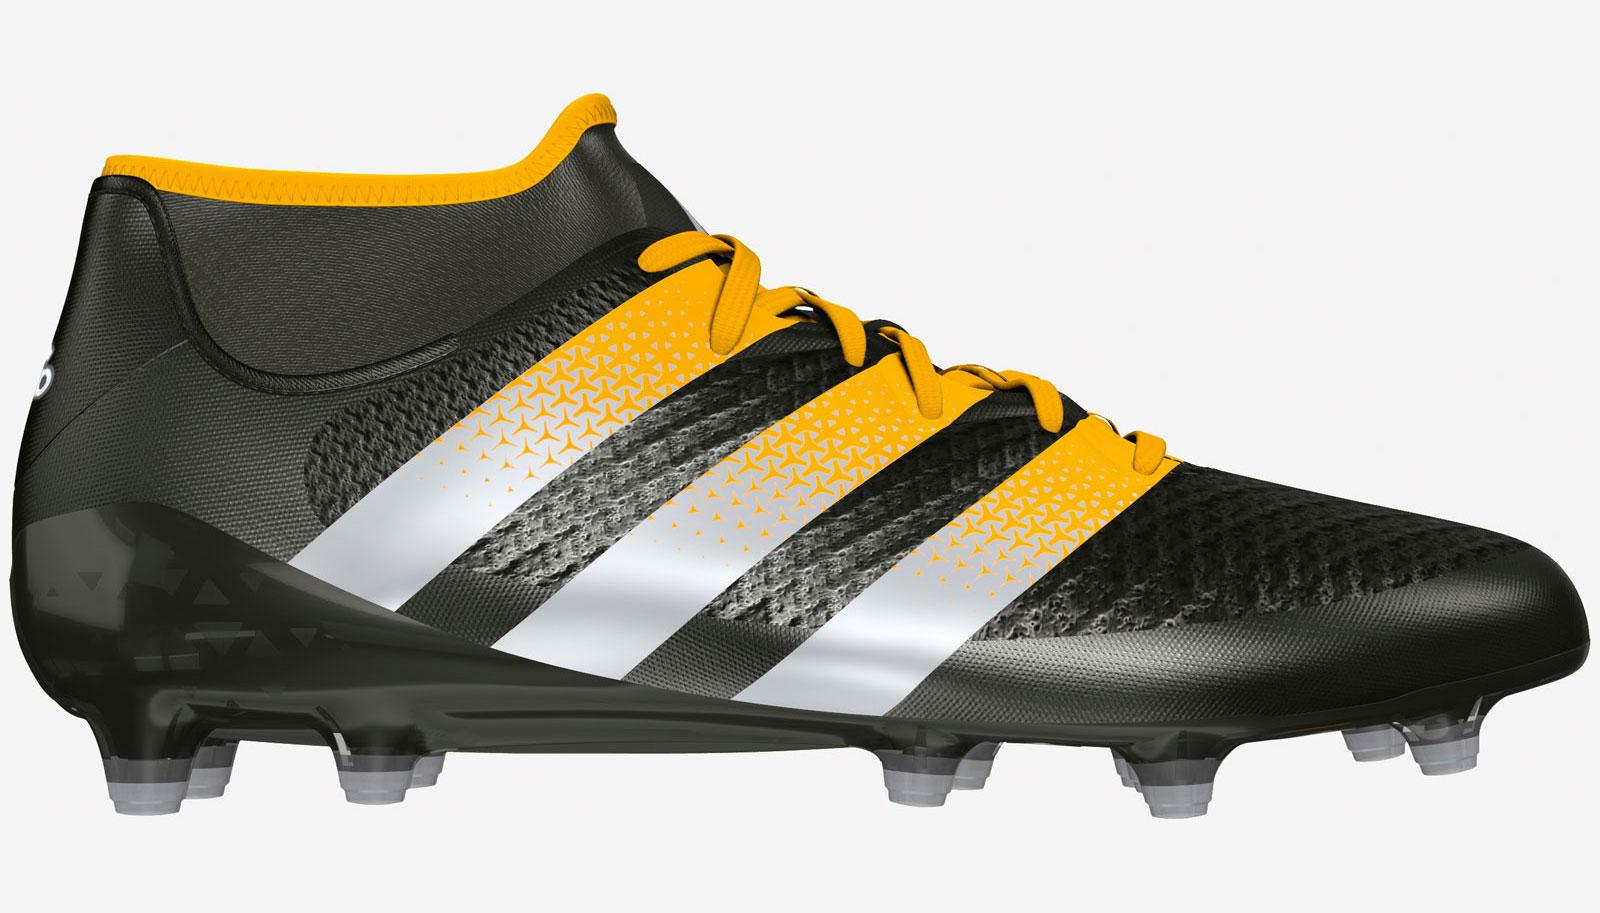 Adidas 16 +